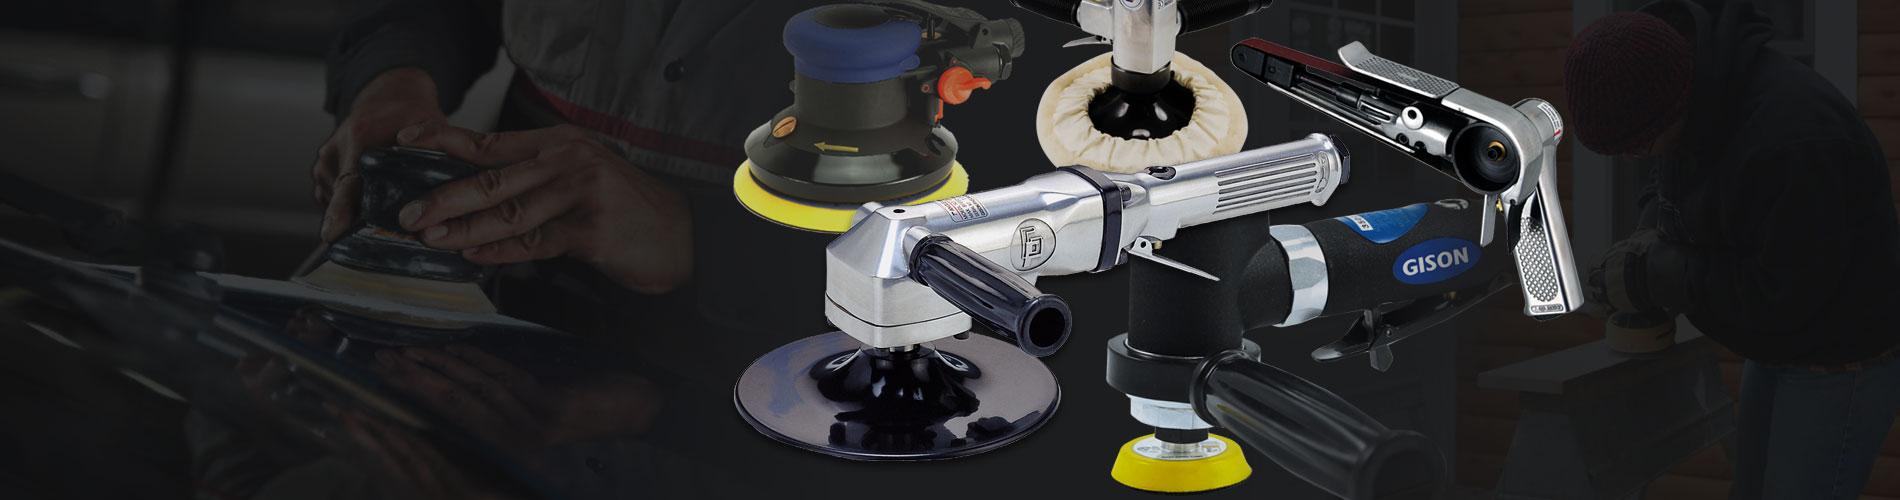 Повітряні інструменти для Шліфування / шліфування